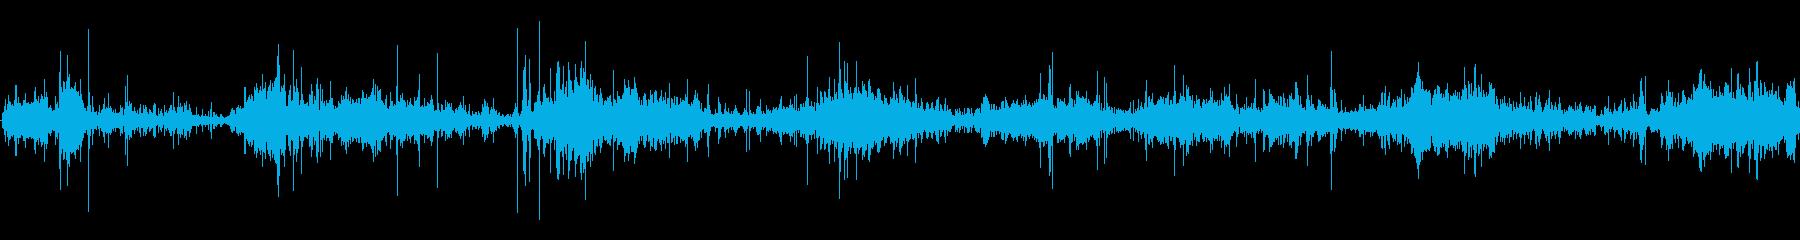 リバーラフトティラー:ハードチャー...の再生済みの波形